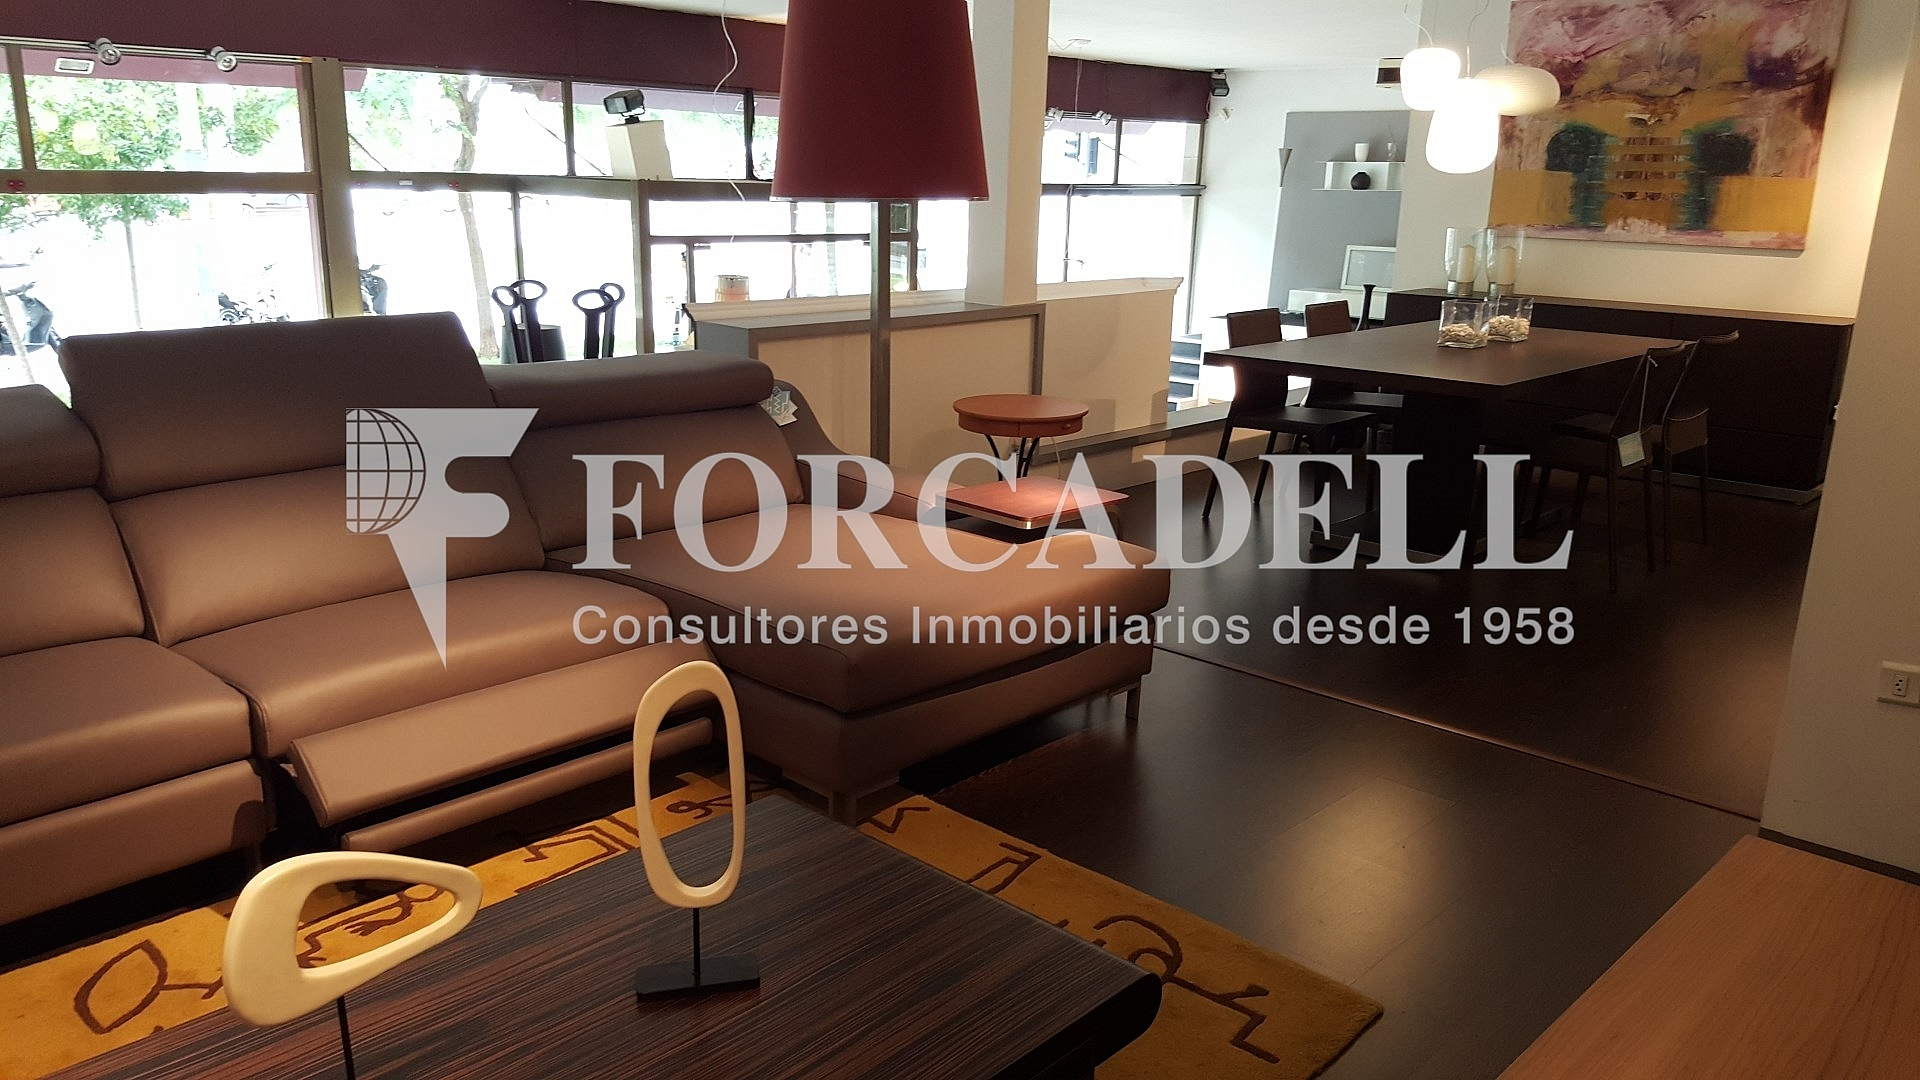 20151019_140458 - Local comercial en alquiler en Cornellà de Llobregat - 261862366